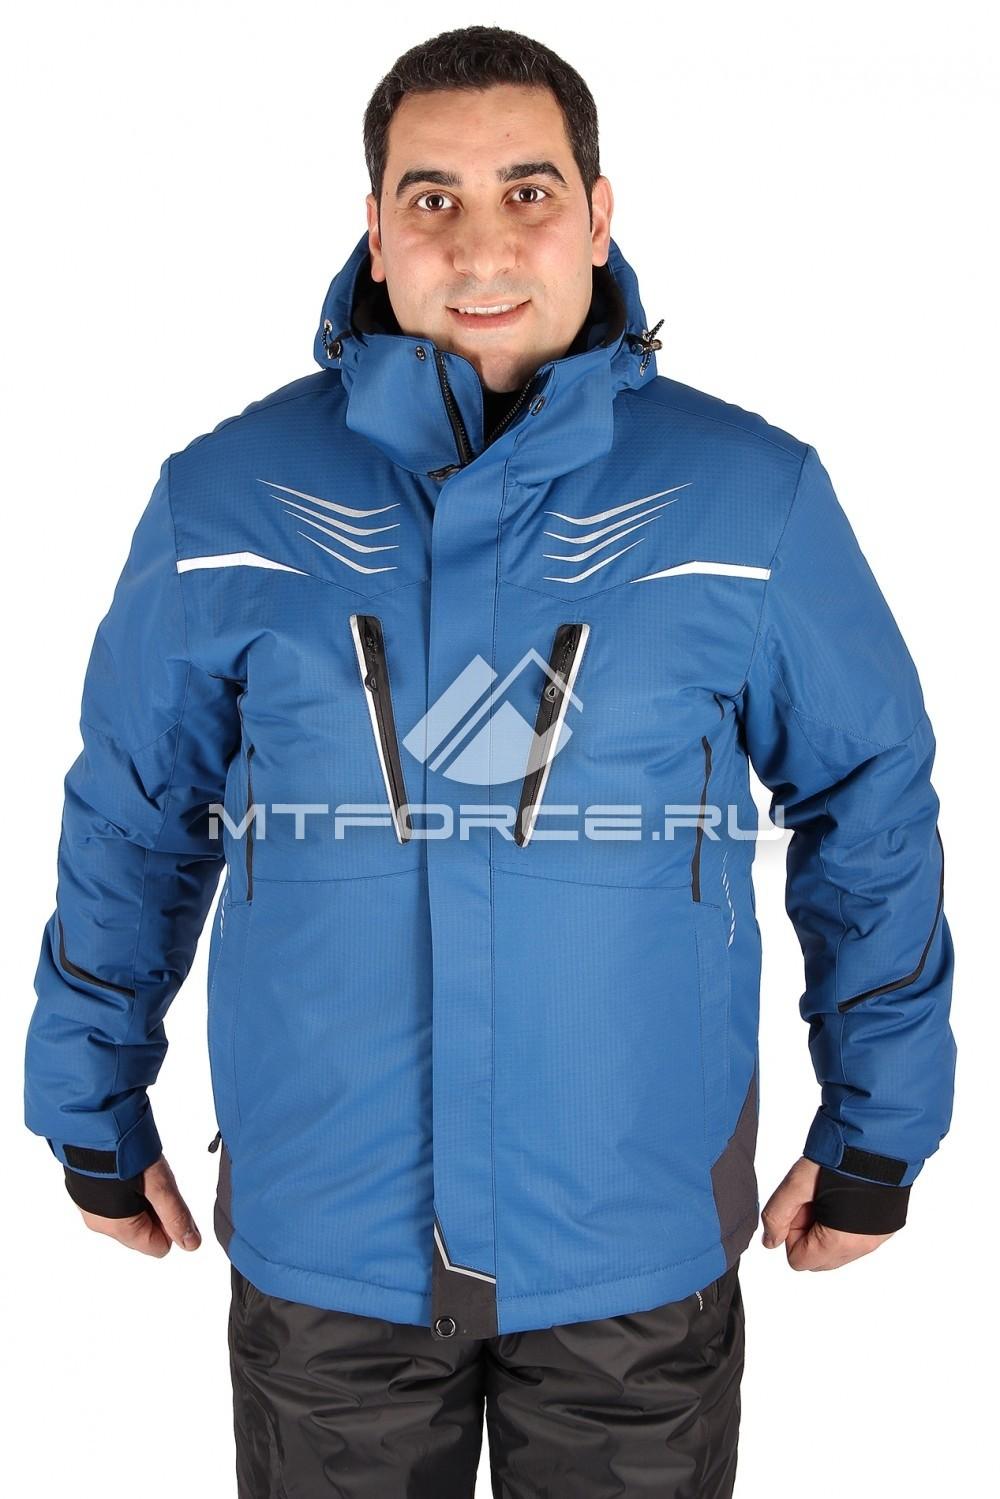 Купить оптом Куртка горнолыжная мужская синего цвета 1558S в Новосибирске